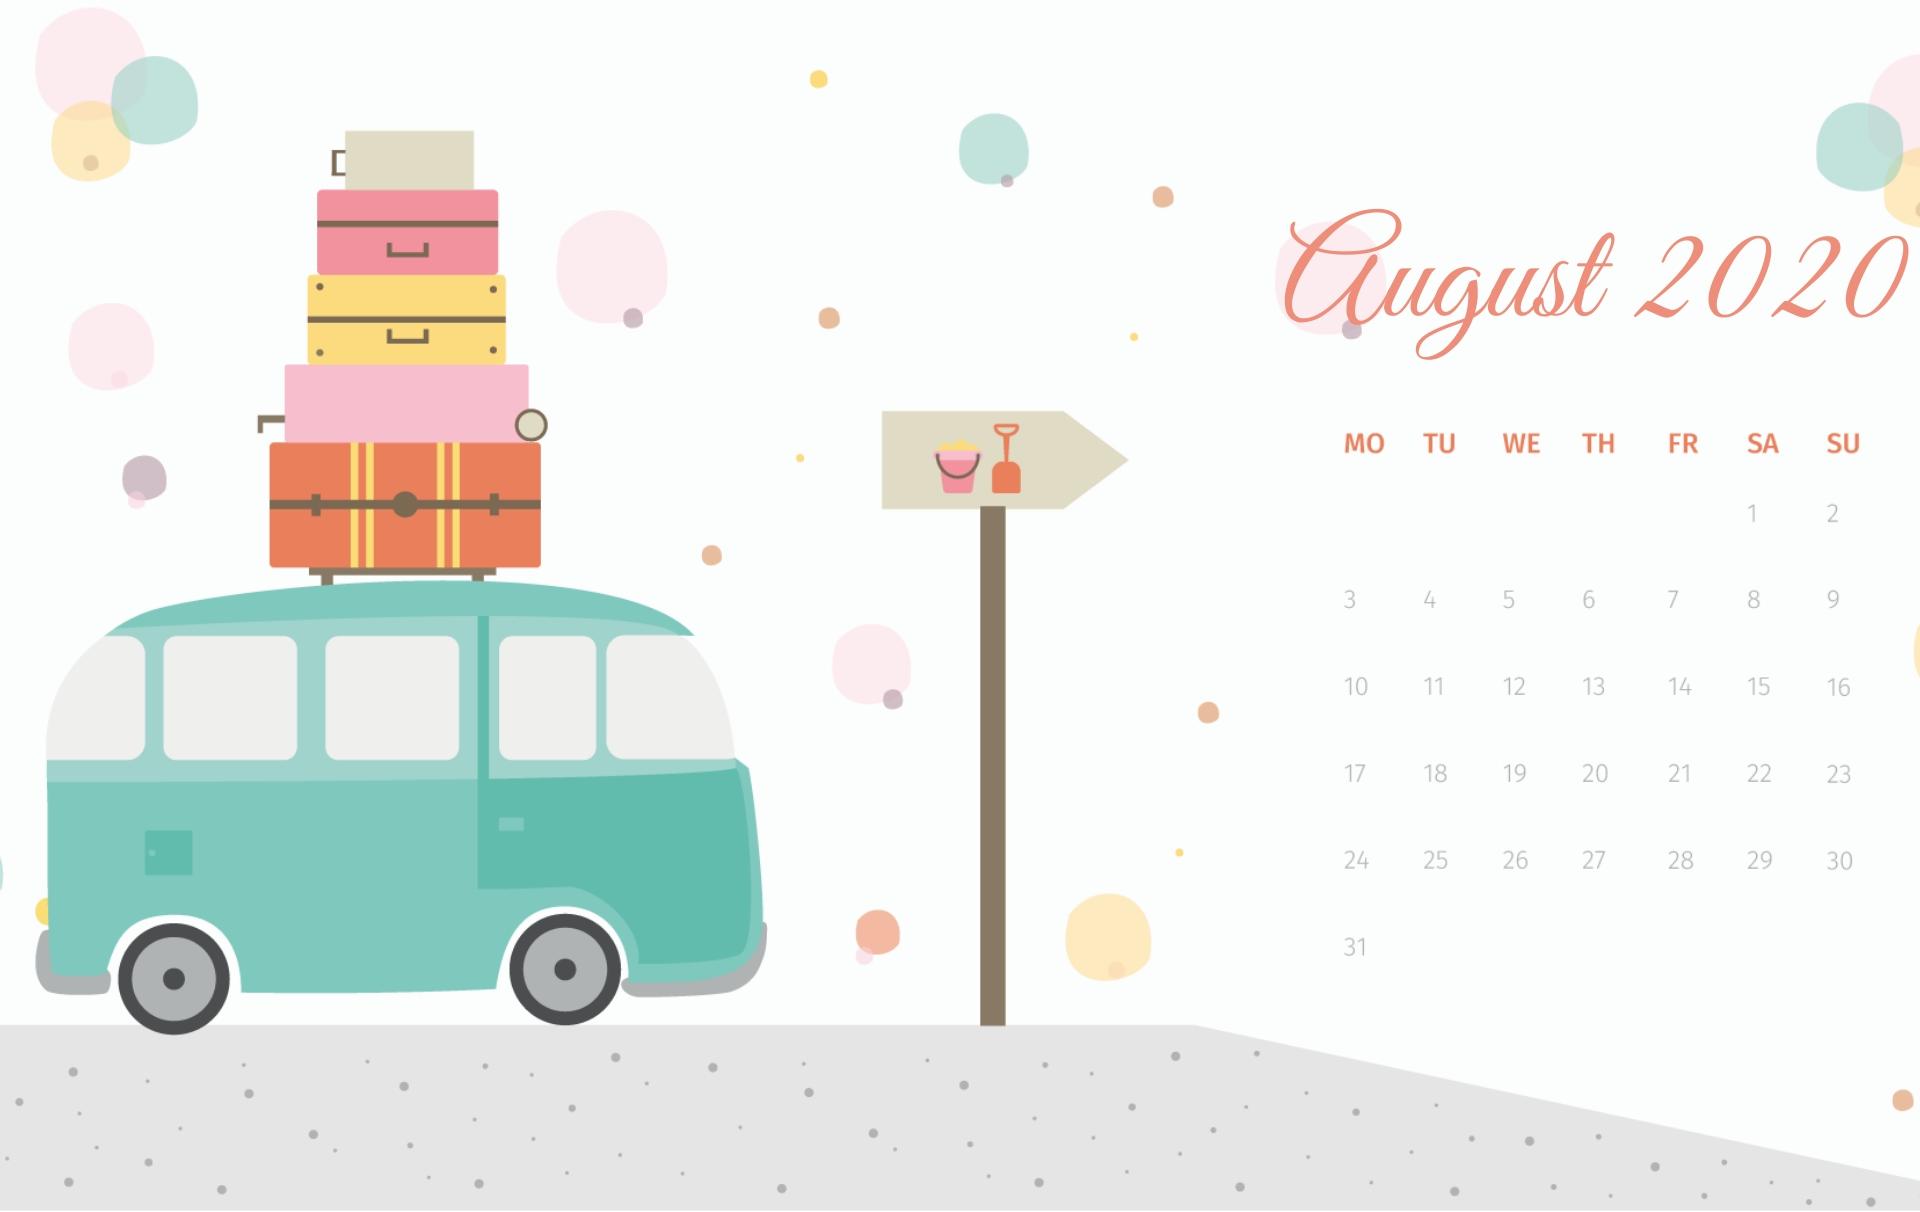 August 2020 Calendar Hd Wallpapers | Calendar 2020 In 2020